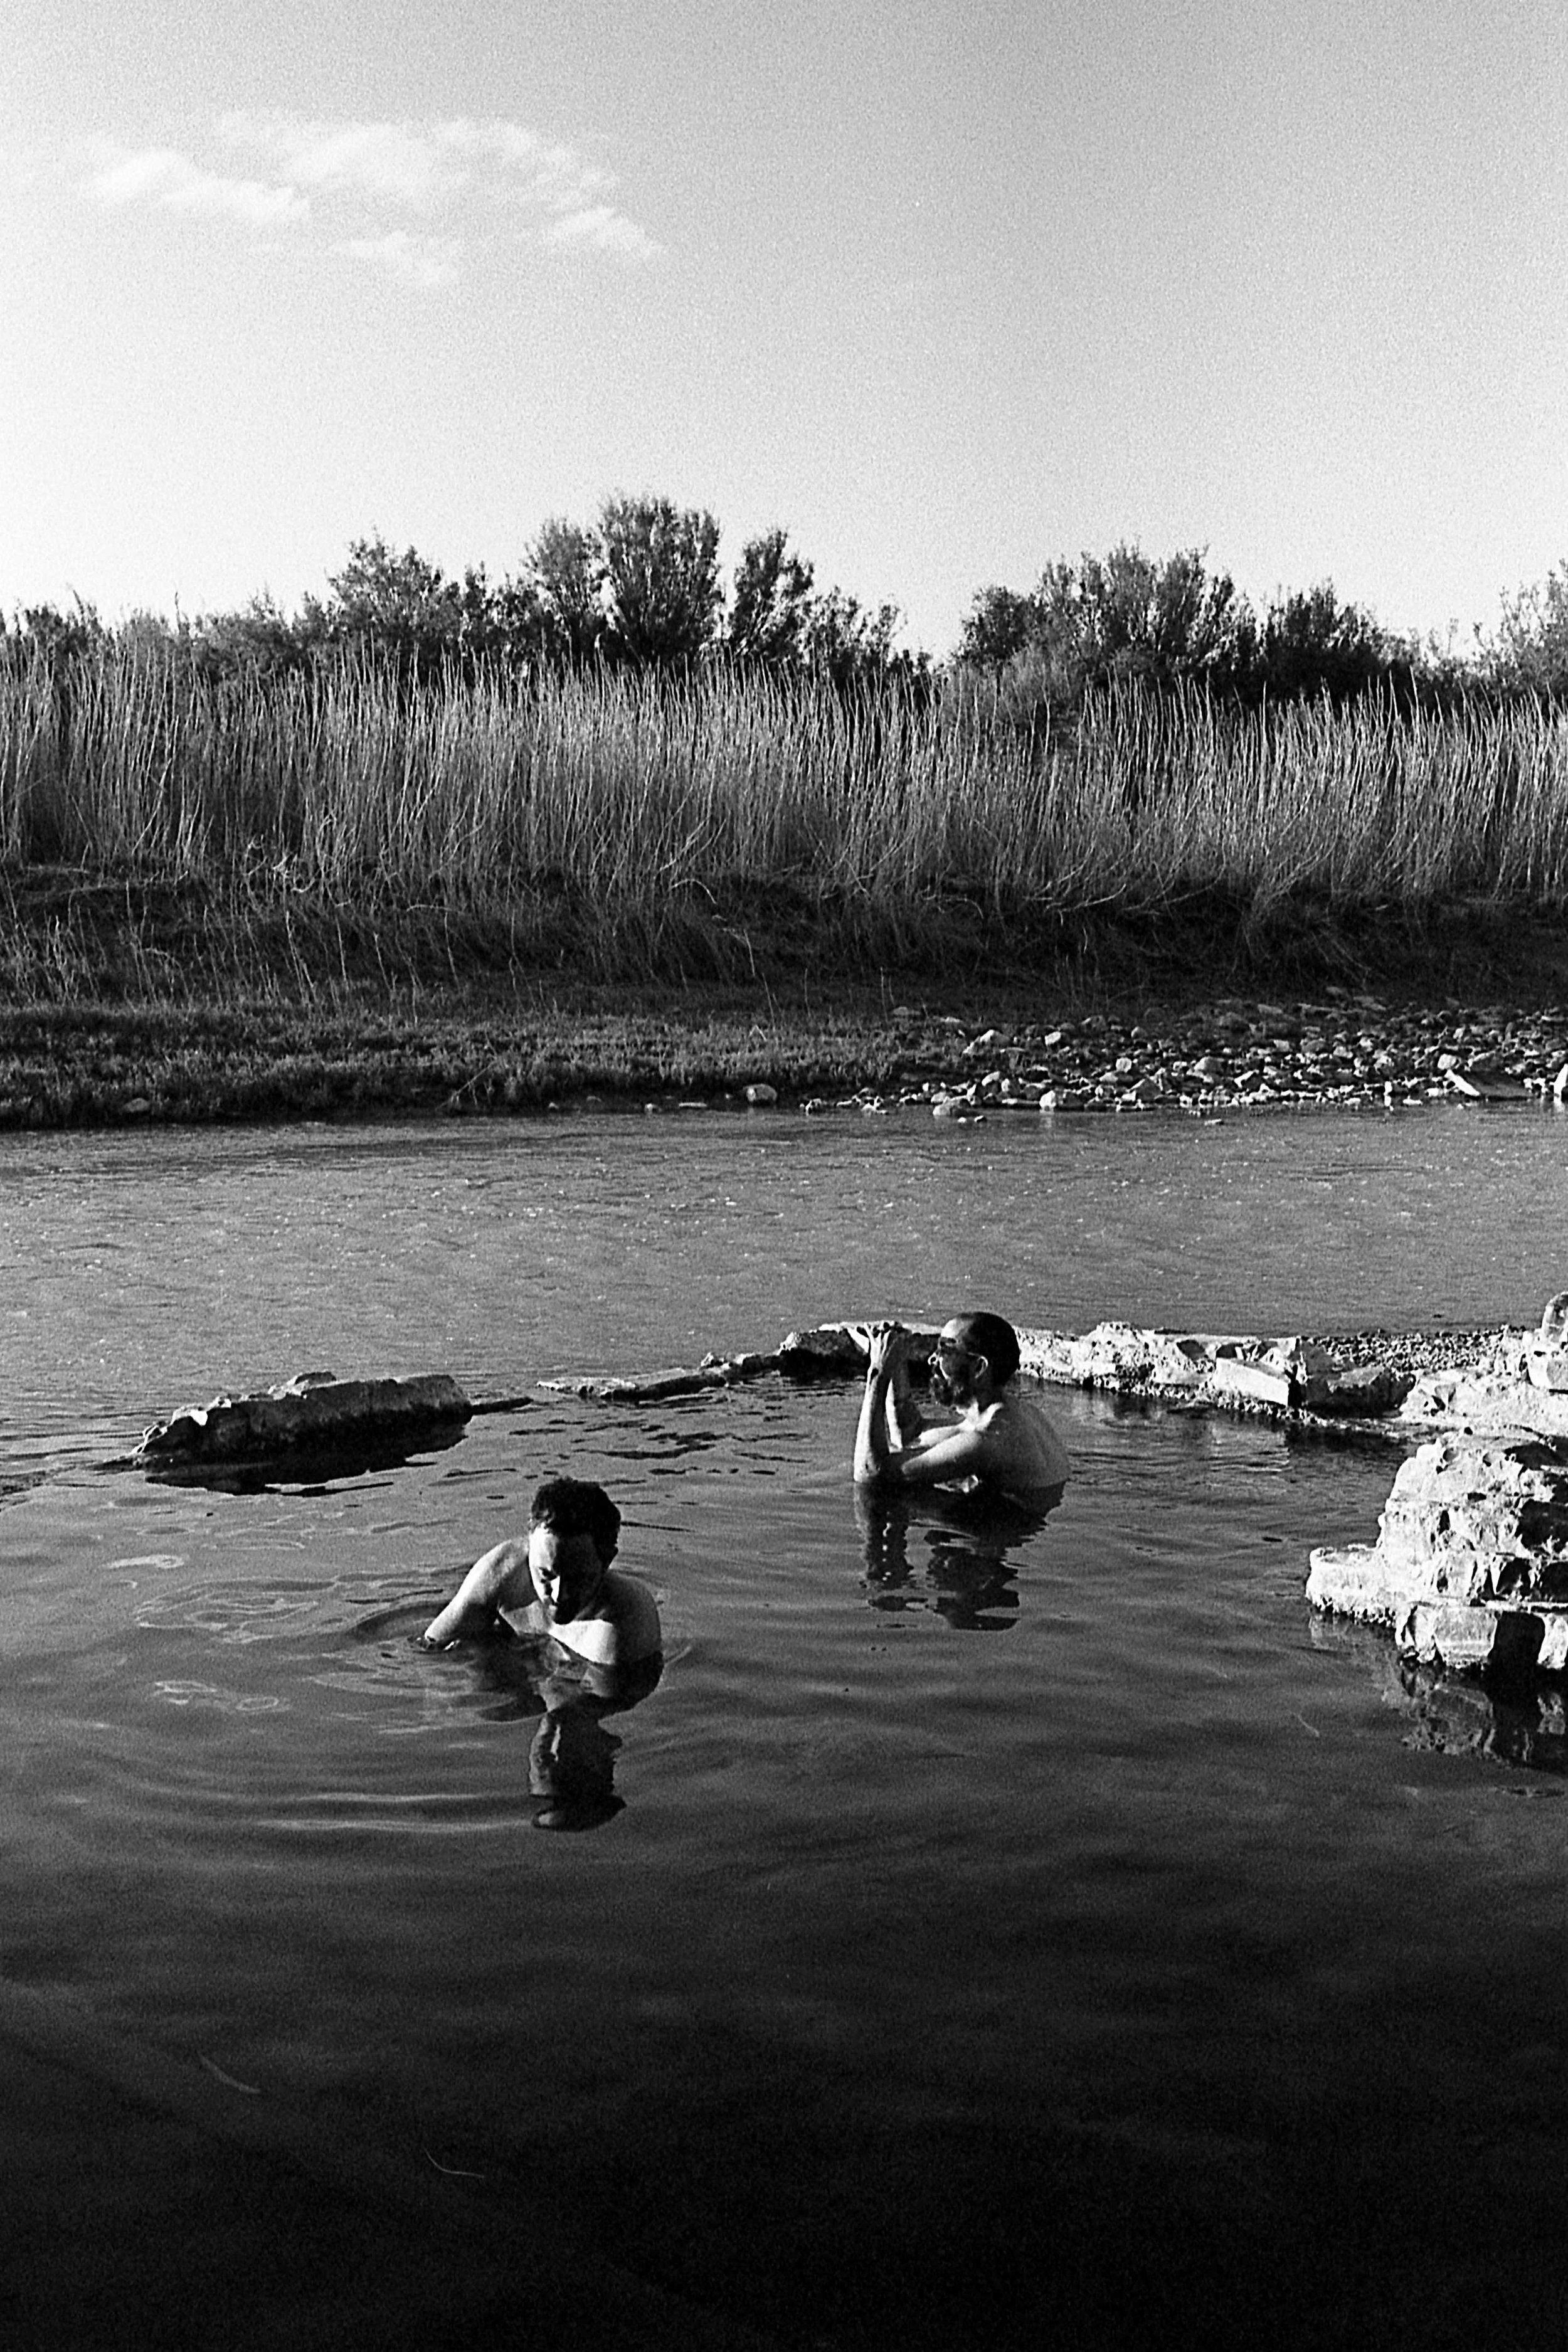 Matt Pittman / Voigtlander Bessa R2A / Zeiss ZM 35mm f|2.8 / Kyle Steed / Brenton Little / Big Bend, TX / Kodak Trix 400